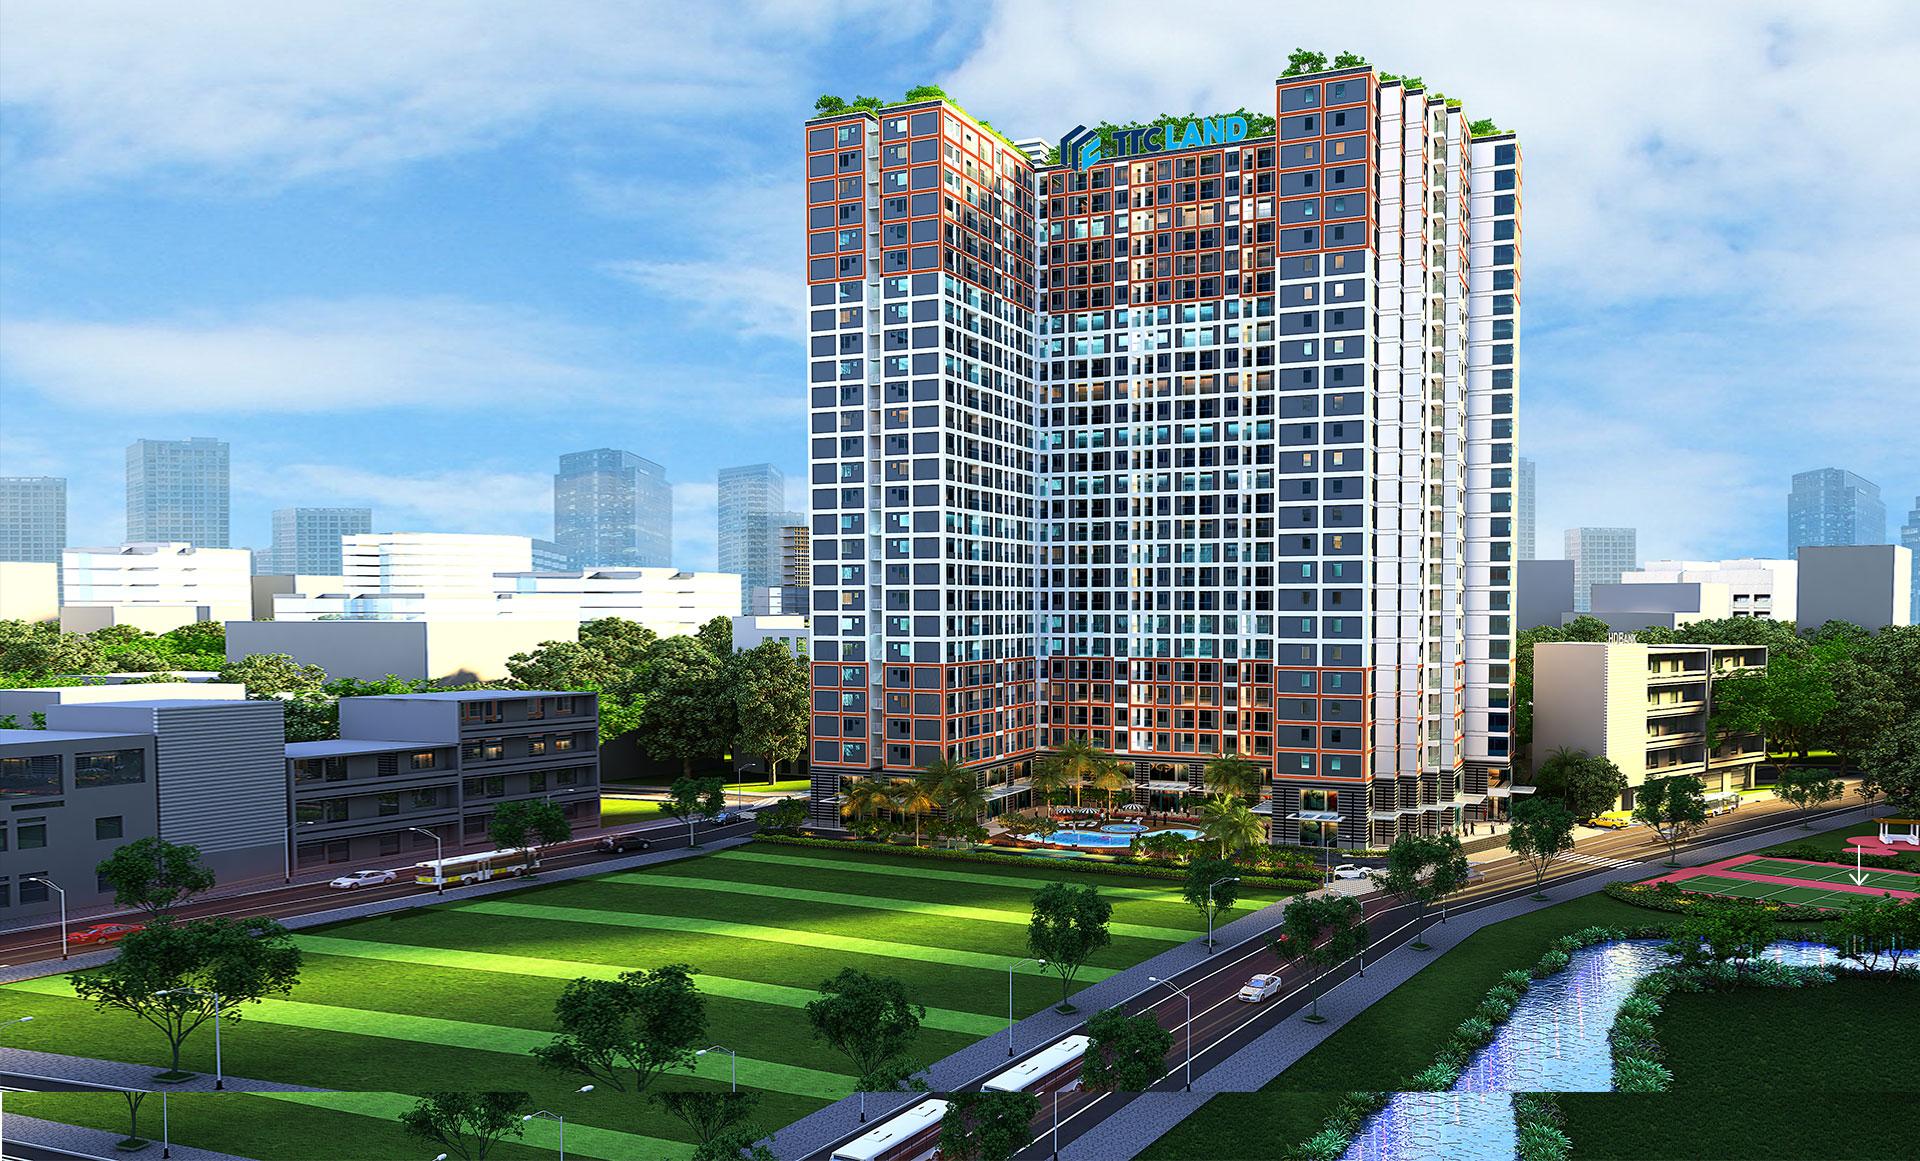 Khan hiếm dự án mới, mặt bằng giá Tân Phú tiếp tục tăng mạnh